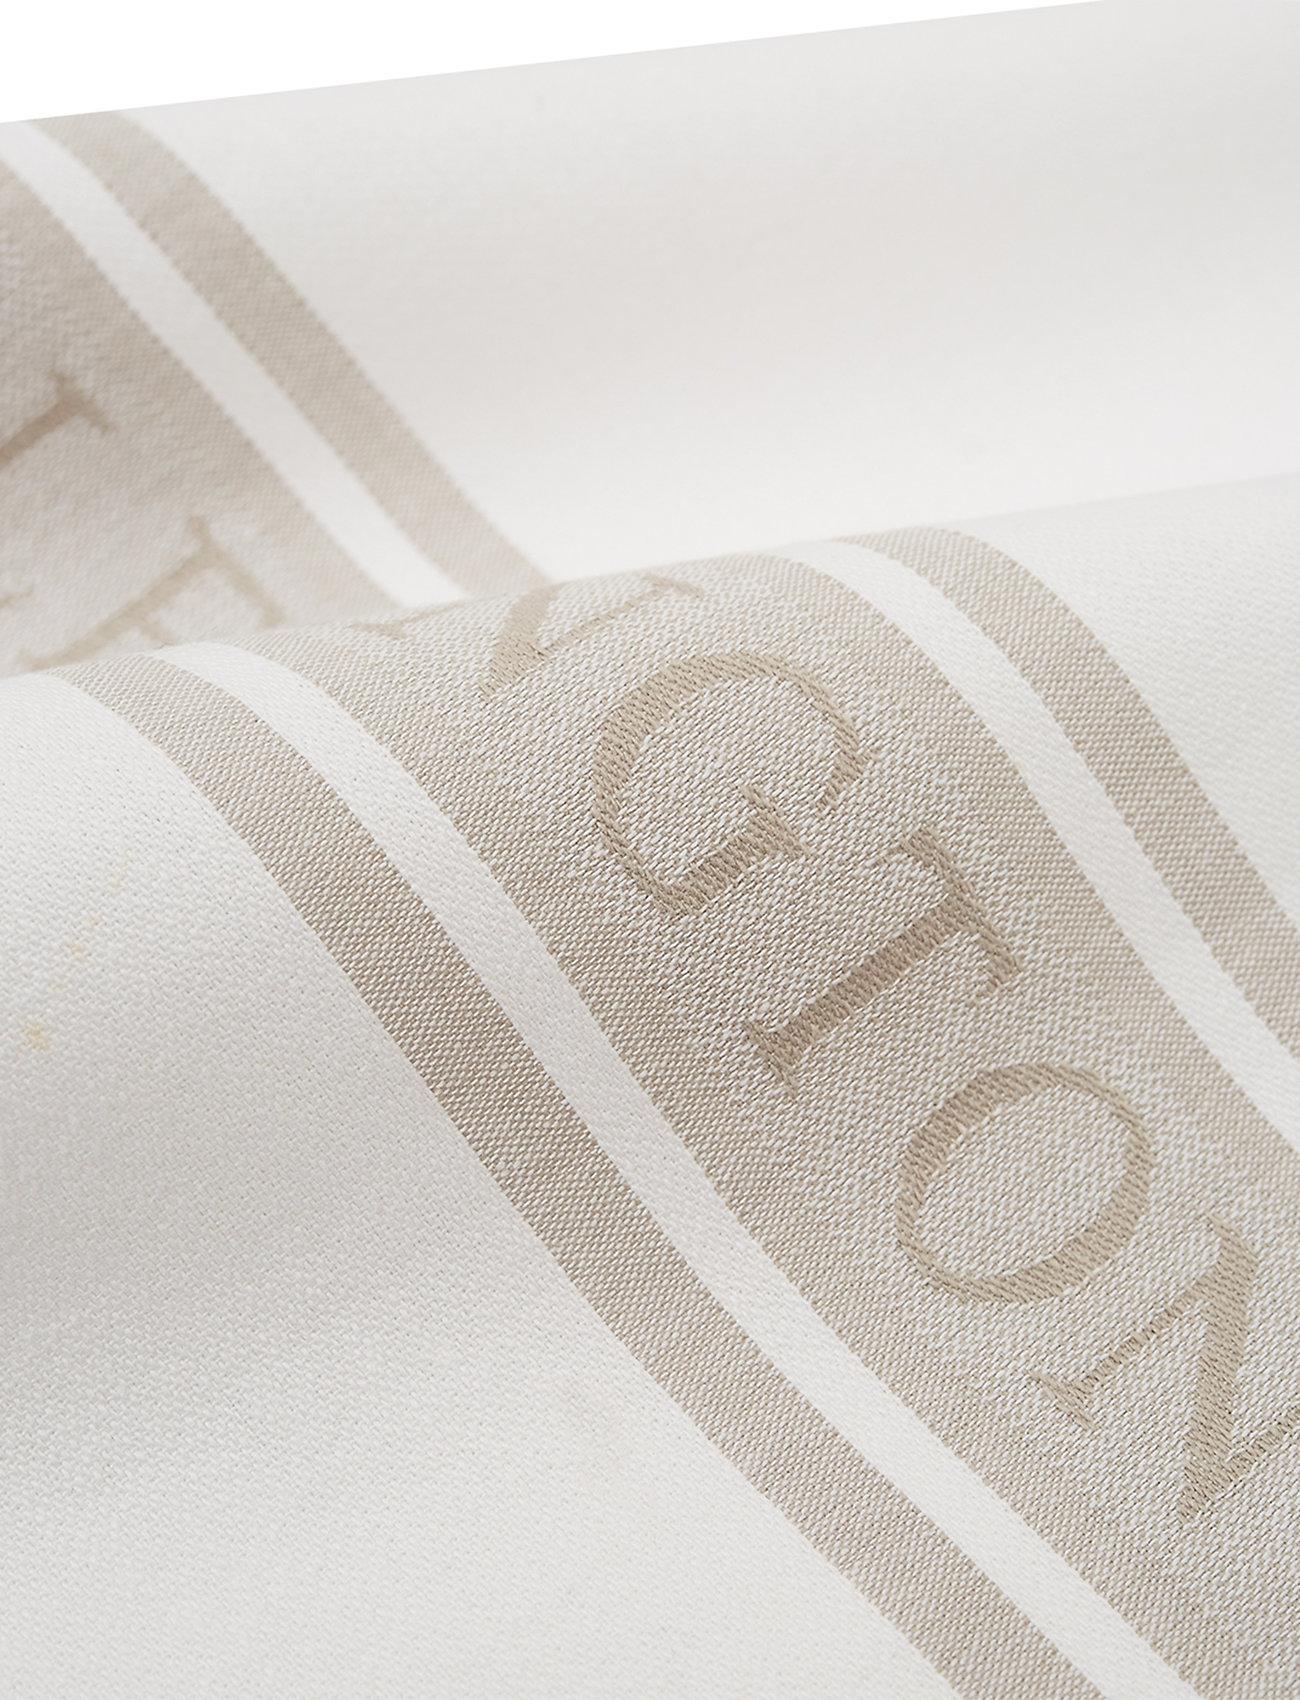 Lexington Home - Icons Cotton Jacquard Star Kitchen Towel - keittiöpyyhkeet - white/beige - 1